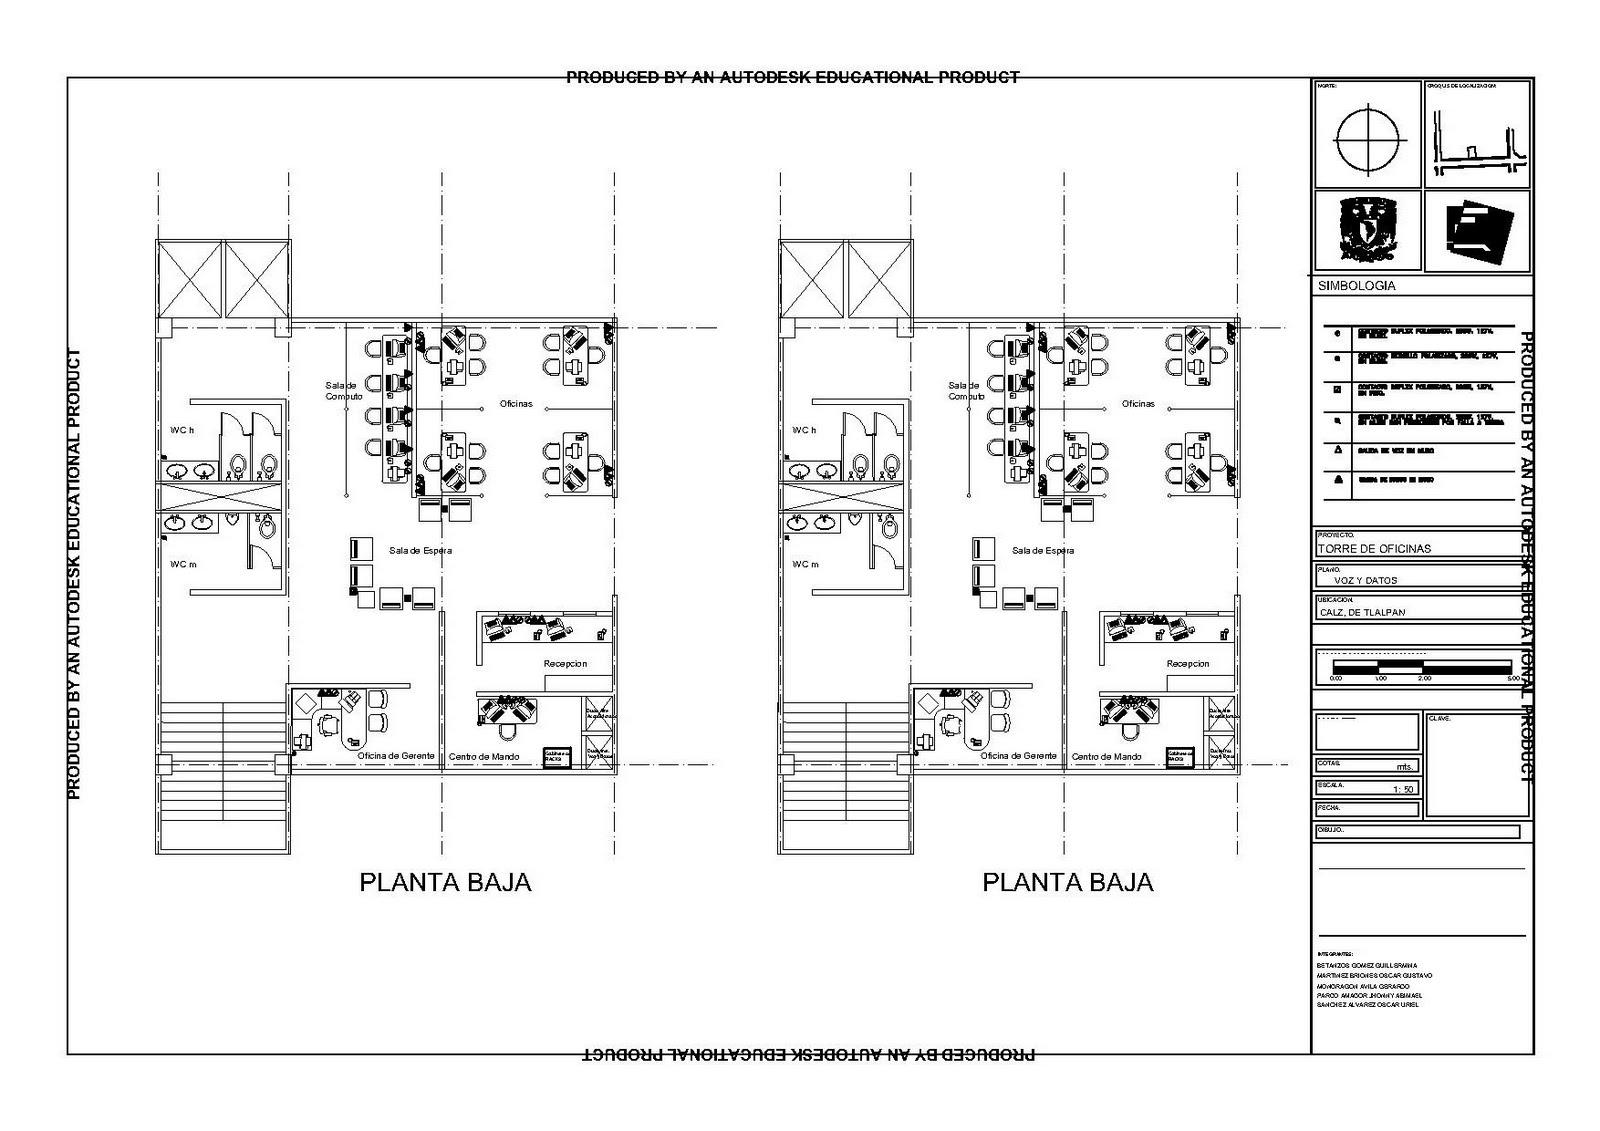 medium resolution of 2002 polaris sportsman 500 ho wiring diagram 2003 predator 500 wiring diagram 2004 polaris predator 500